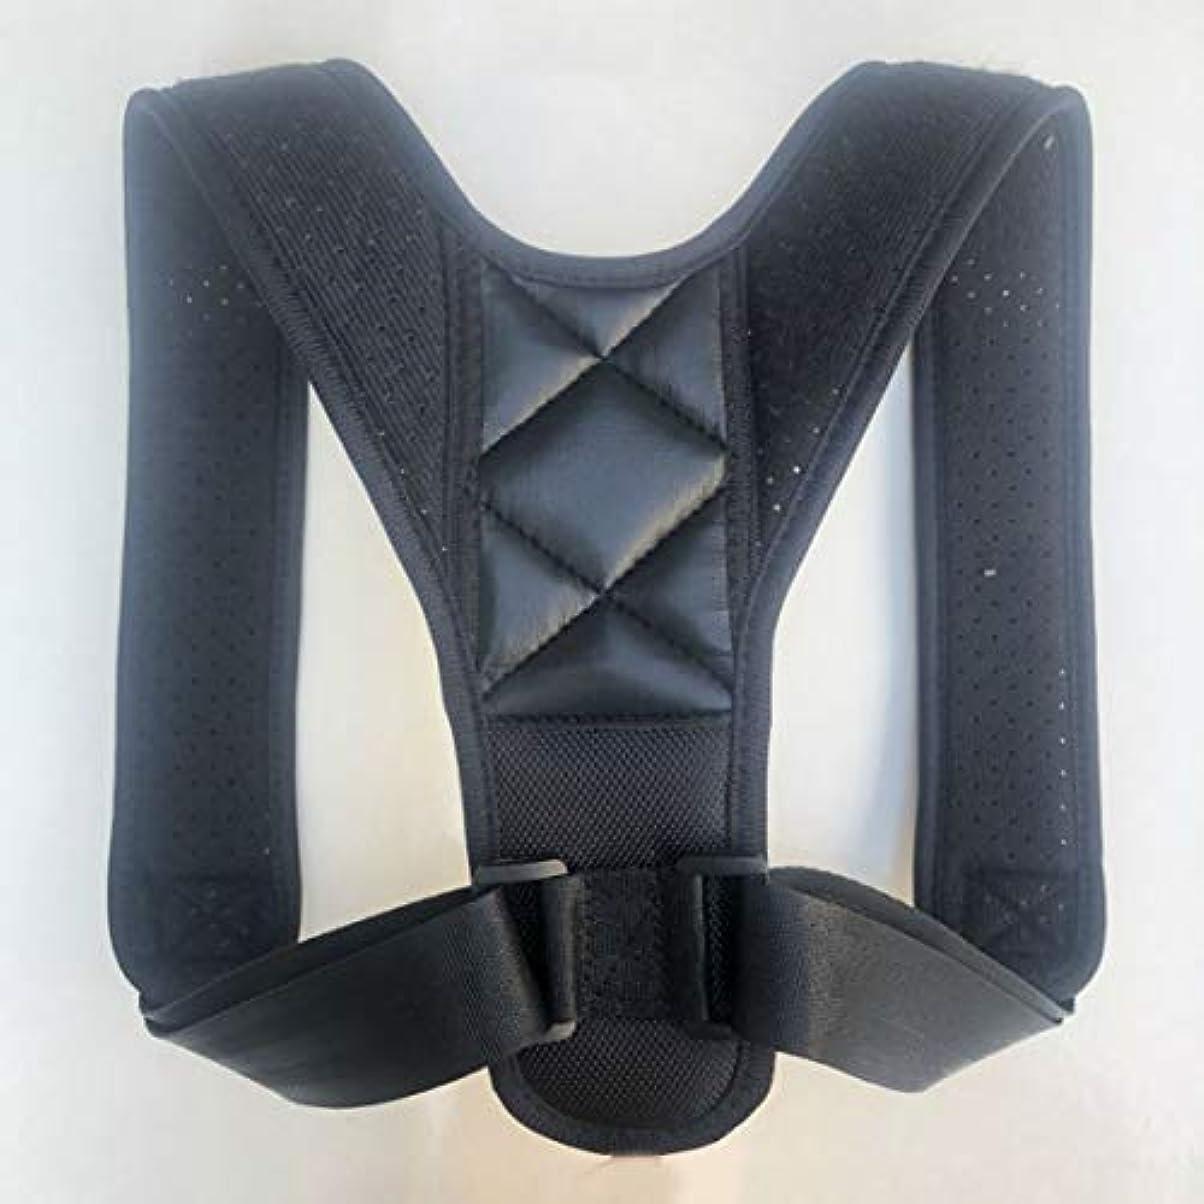 愛国的な東方望むアッパーバックポスチャーコレクター姿勢鎖骨サポートコレクターバックストレートショルダーブレースストラップコレクター - ブラック